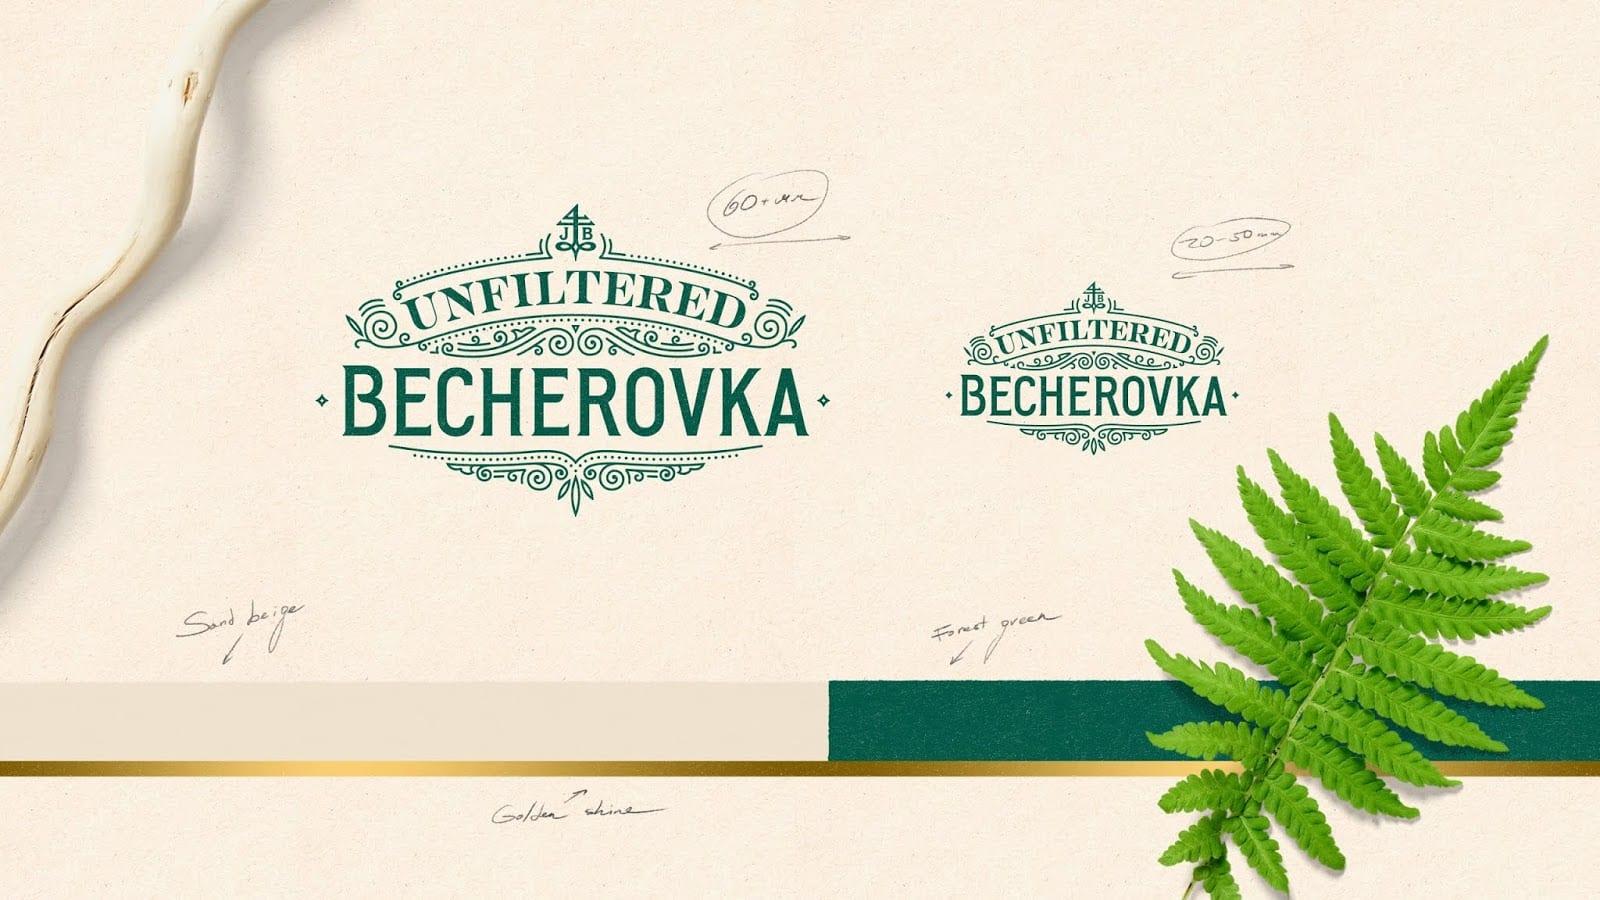 bech unfilt cocoon 02 - Becherovka představila svou premiovou Unfiltered verzi s novým obalem